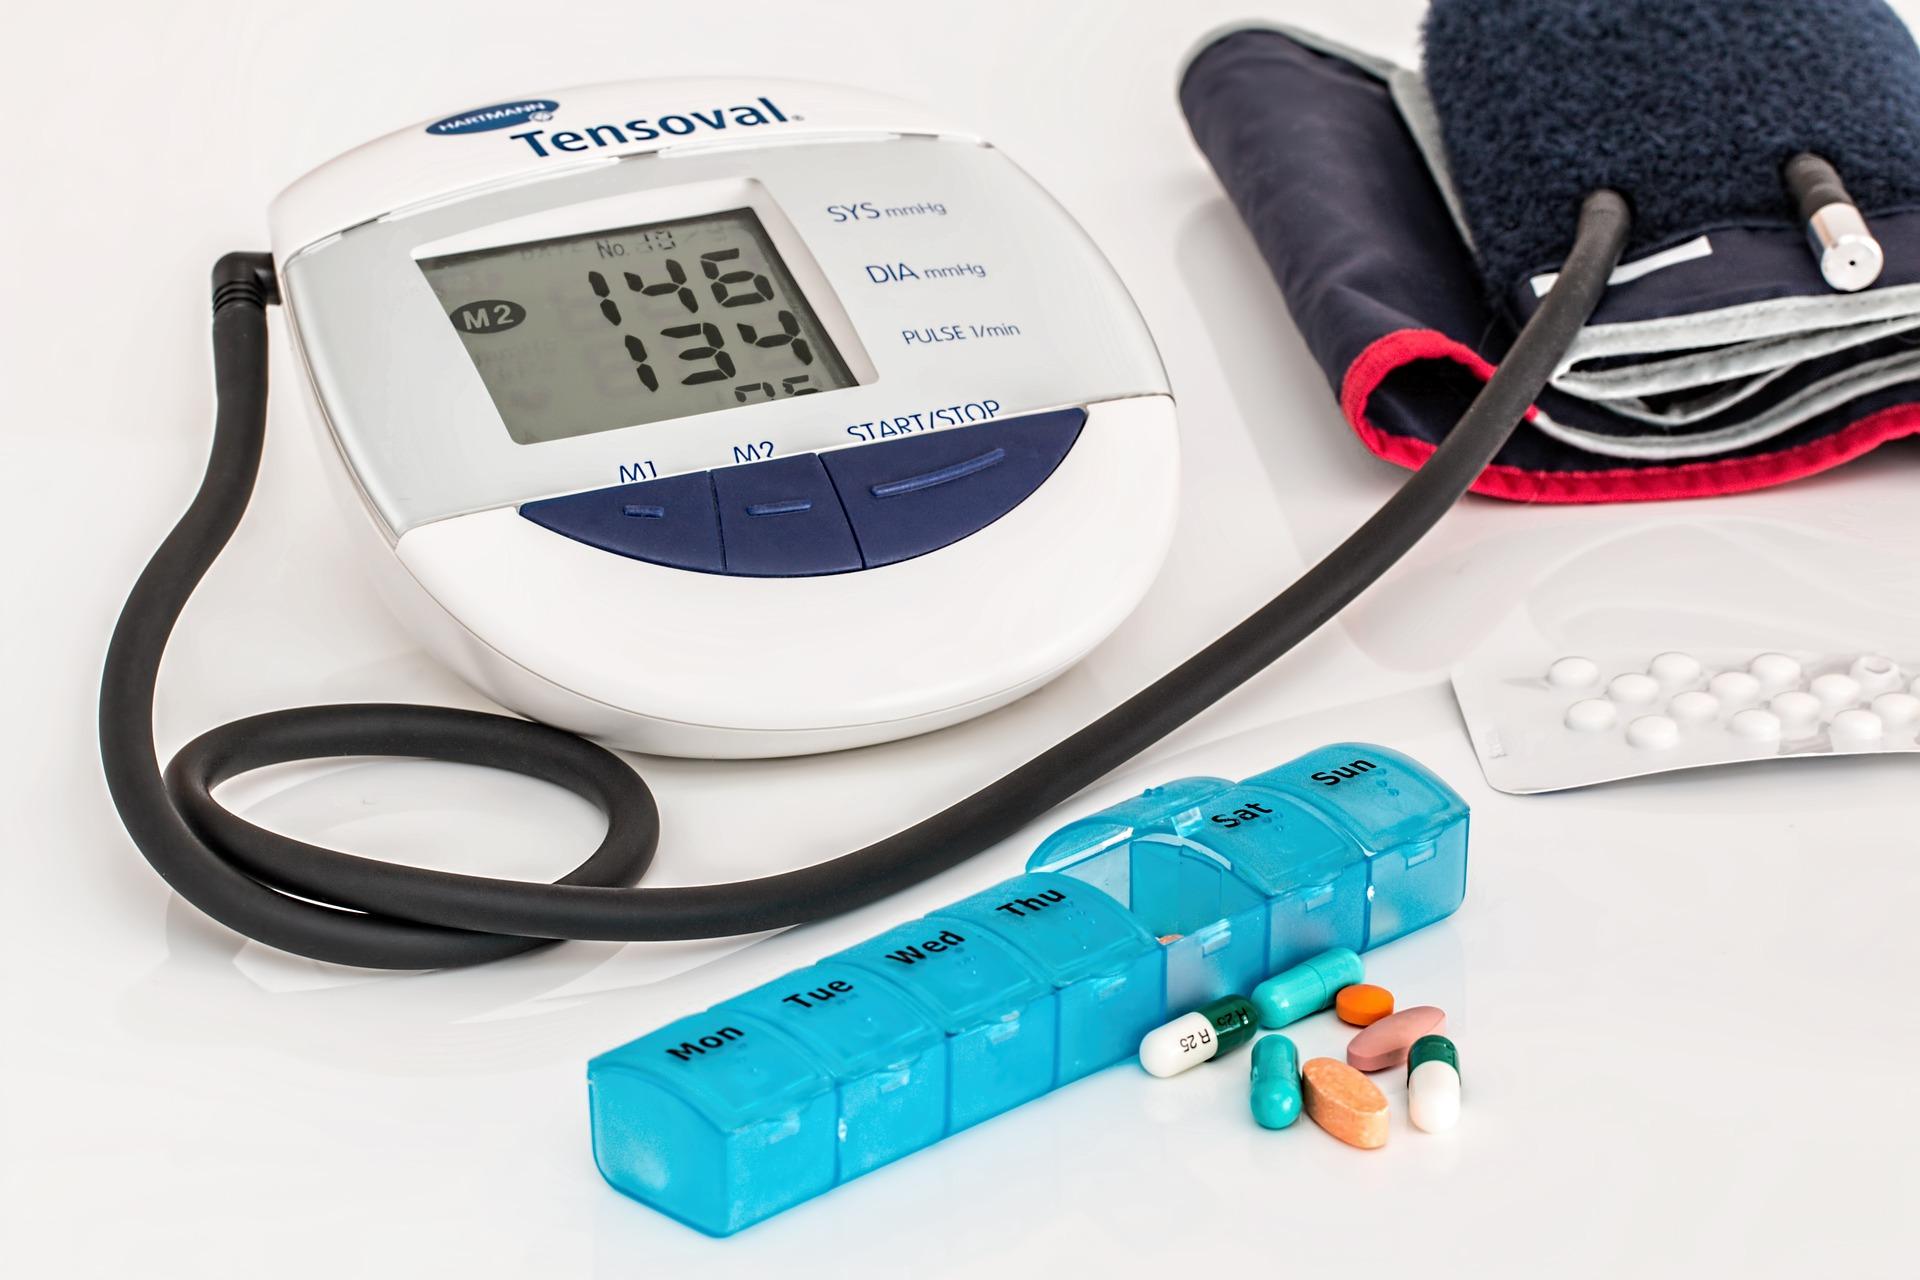 アンジェスがオーストラリアにて高血圧DNAワクチンの第Ⅰ/Ⅱ相臨床試験開始